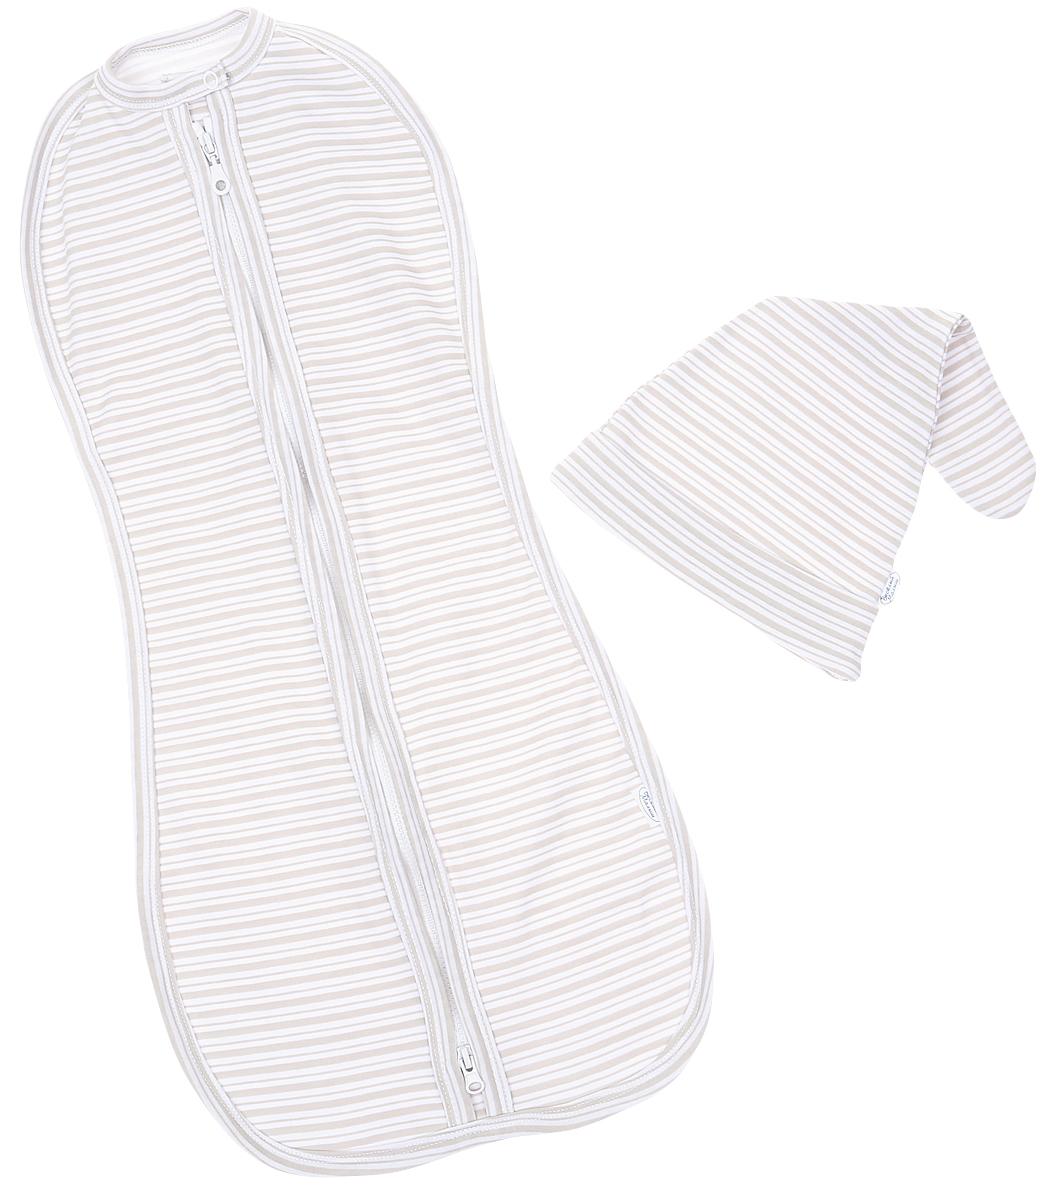 Комплект для новорожденного Веселый малыш: пеленка-кокон, шапочка, цвет: бежевый. 1178320-A/B (1)_полоски. Размер 621178320-A/B_полоски